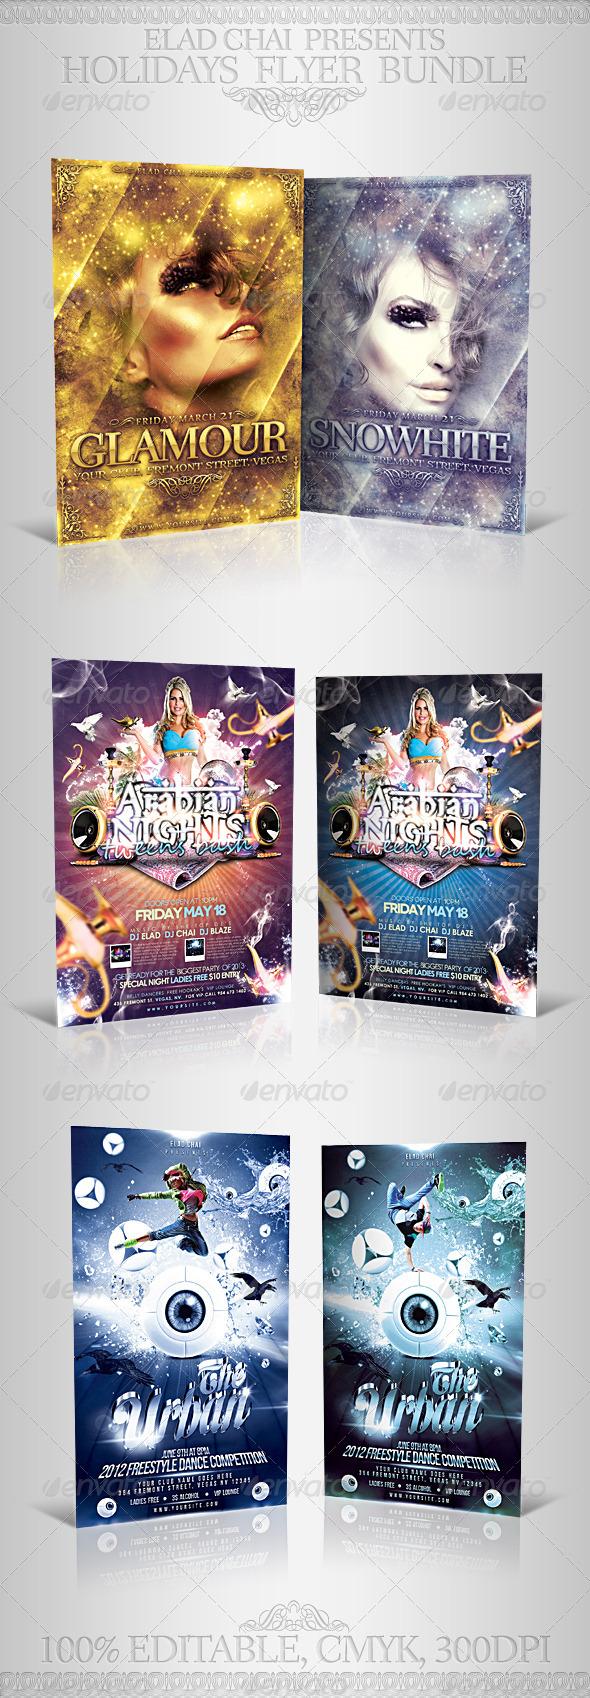 GraphicRiver Unique Party Events Flyer Bundle 5357014